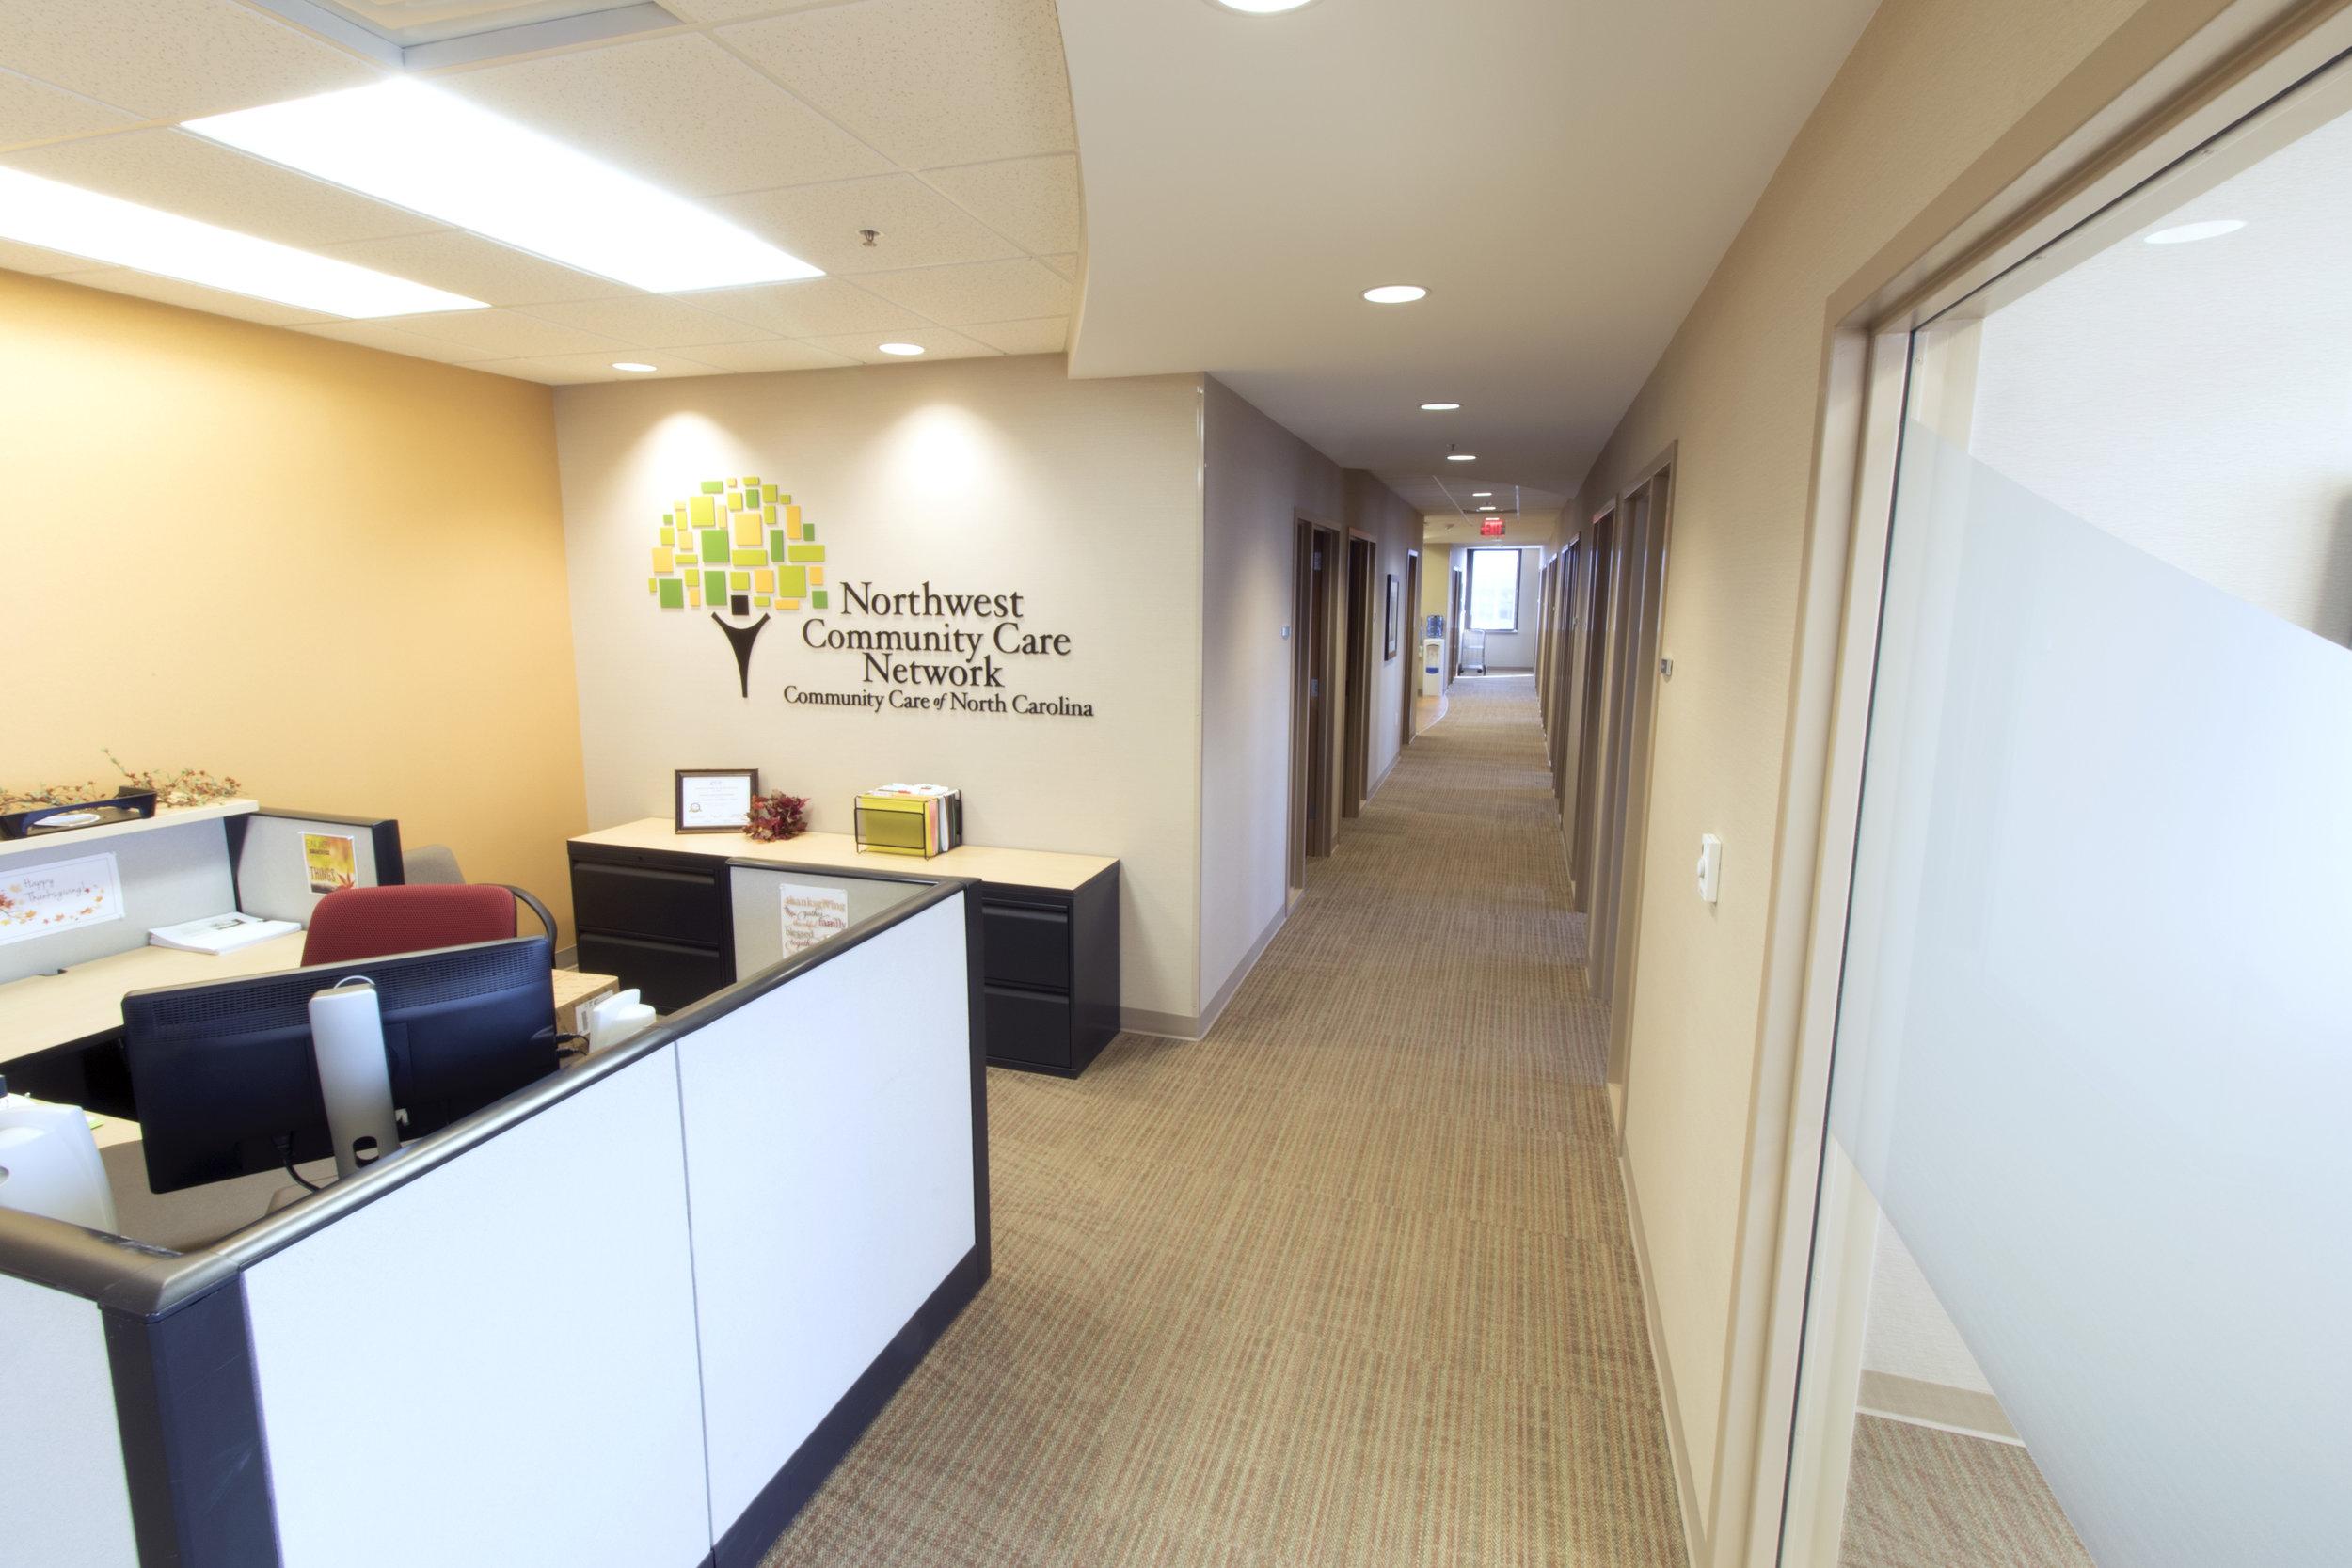 Northwest Community Care Network